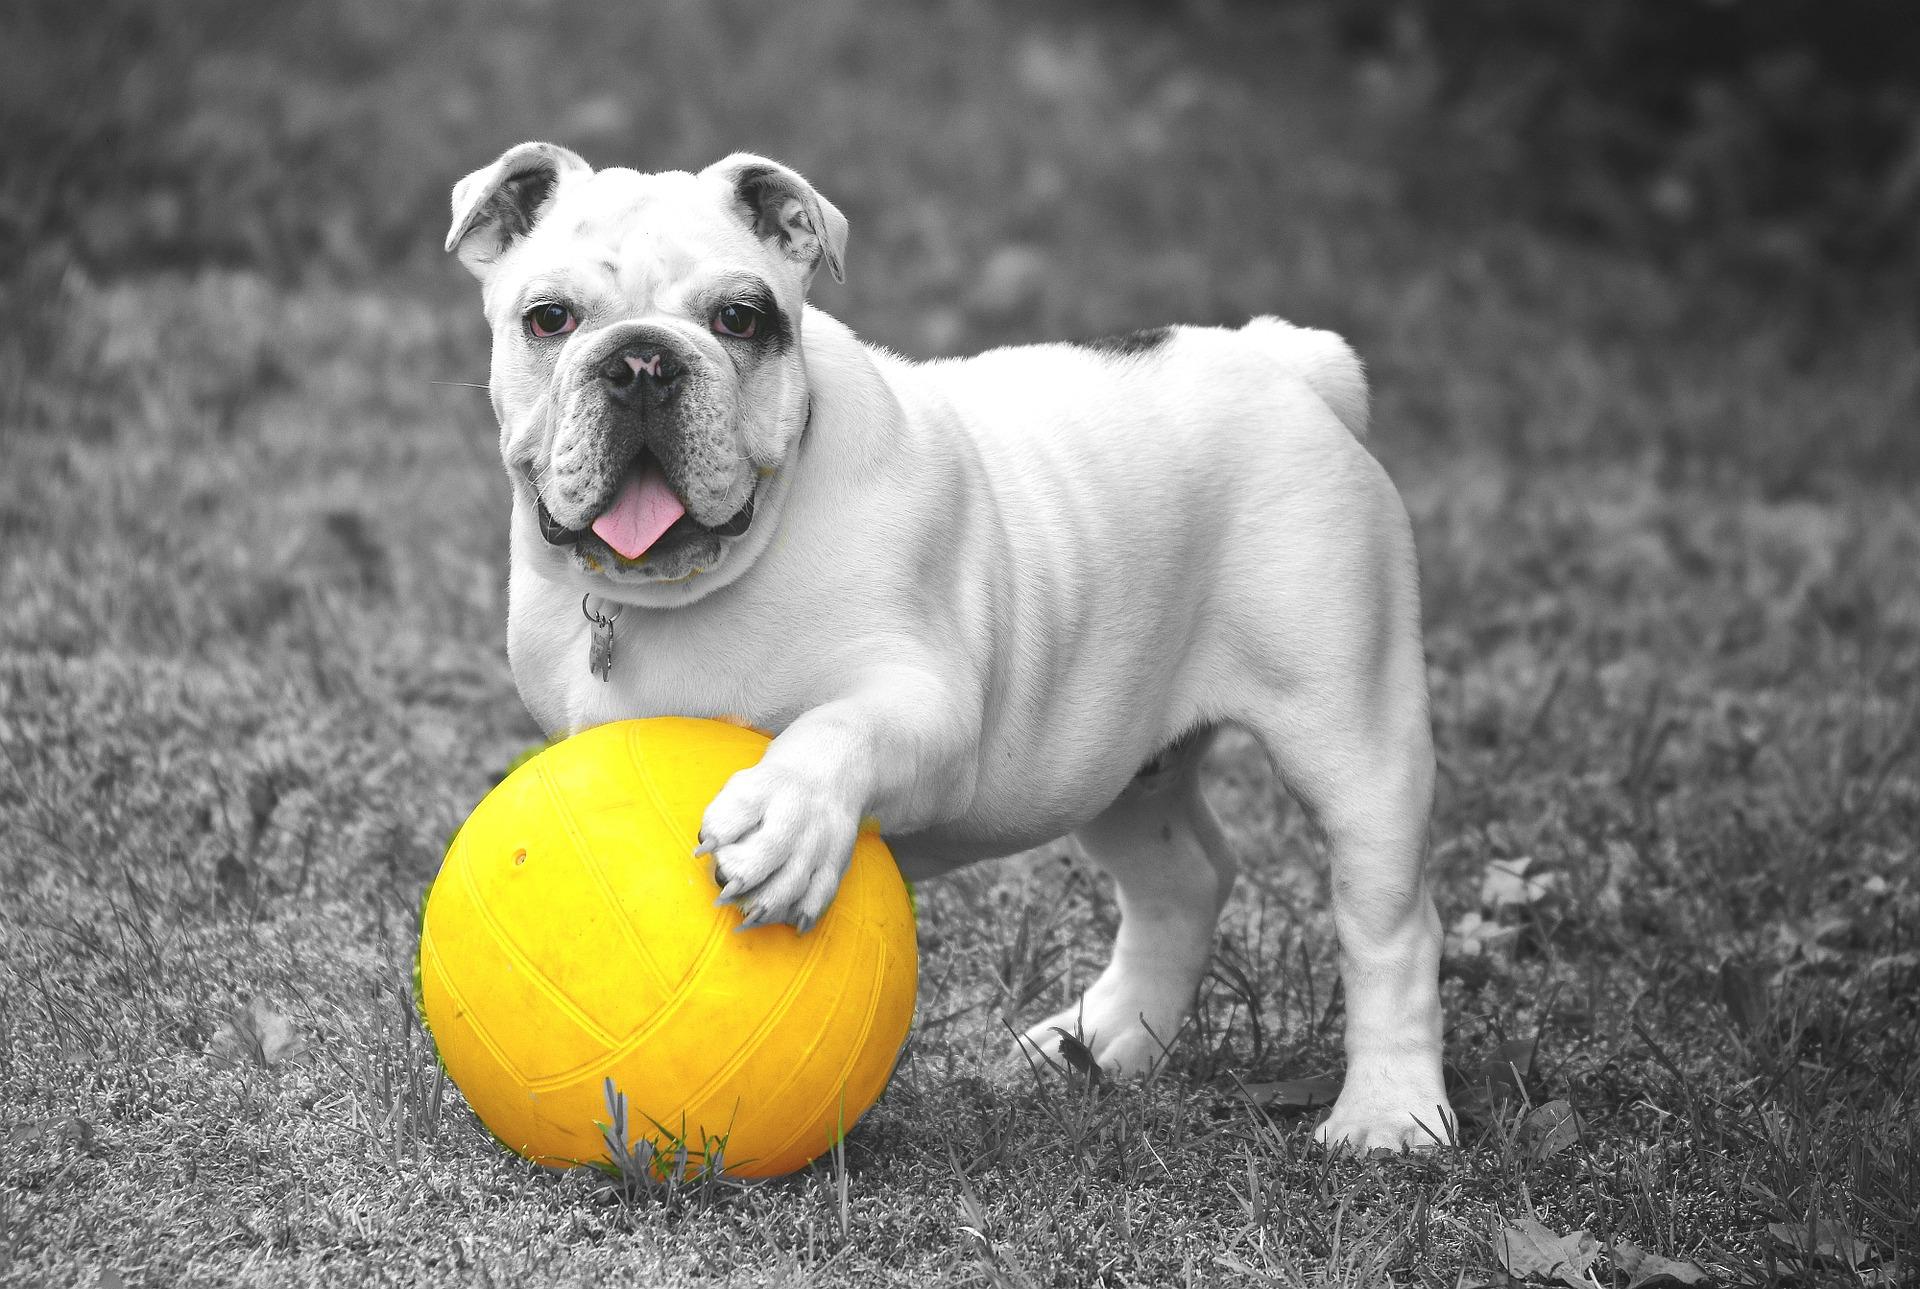 Hund, Kugel, Haustier, in schwarz und weiß, Spiel - Wallpaper HD - Prof.-falken.com